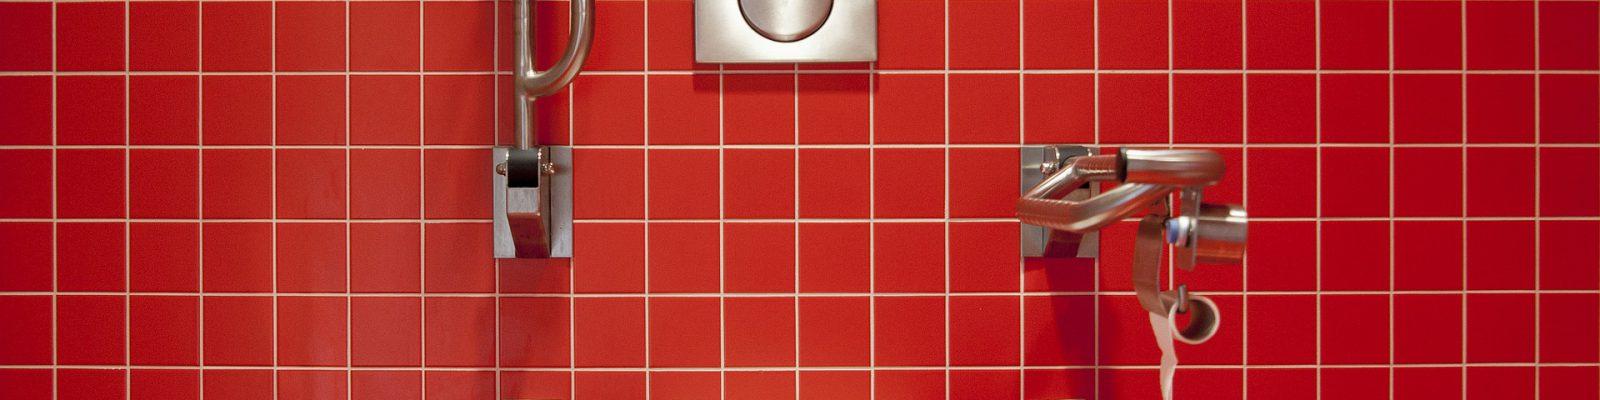 Aménagement de salle de bain pour personnes à mobilité réduite